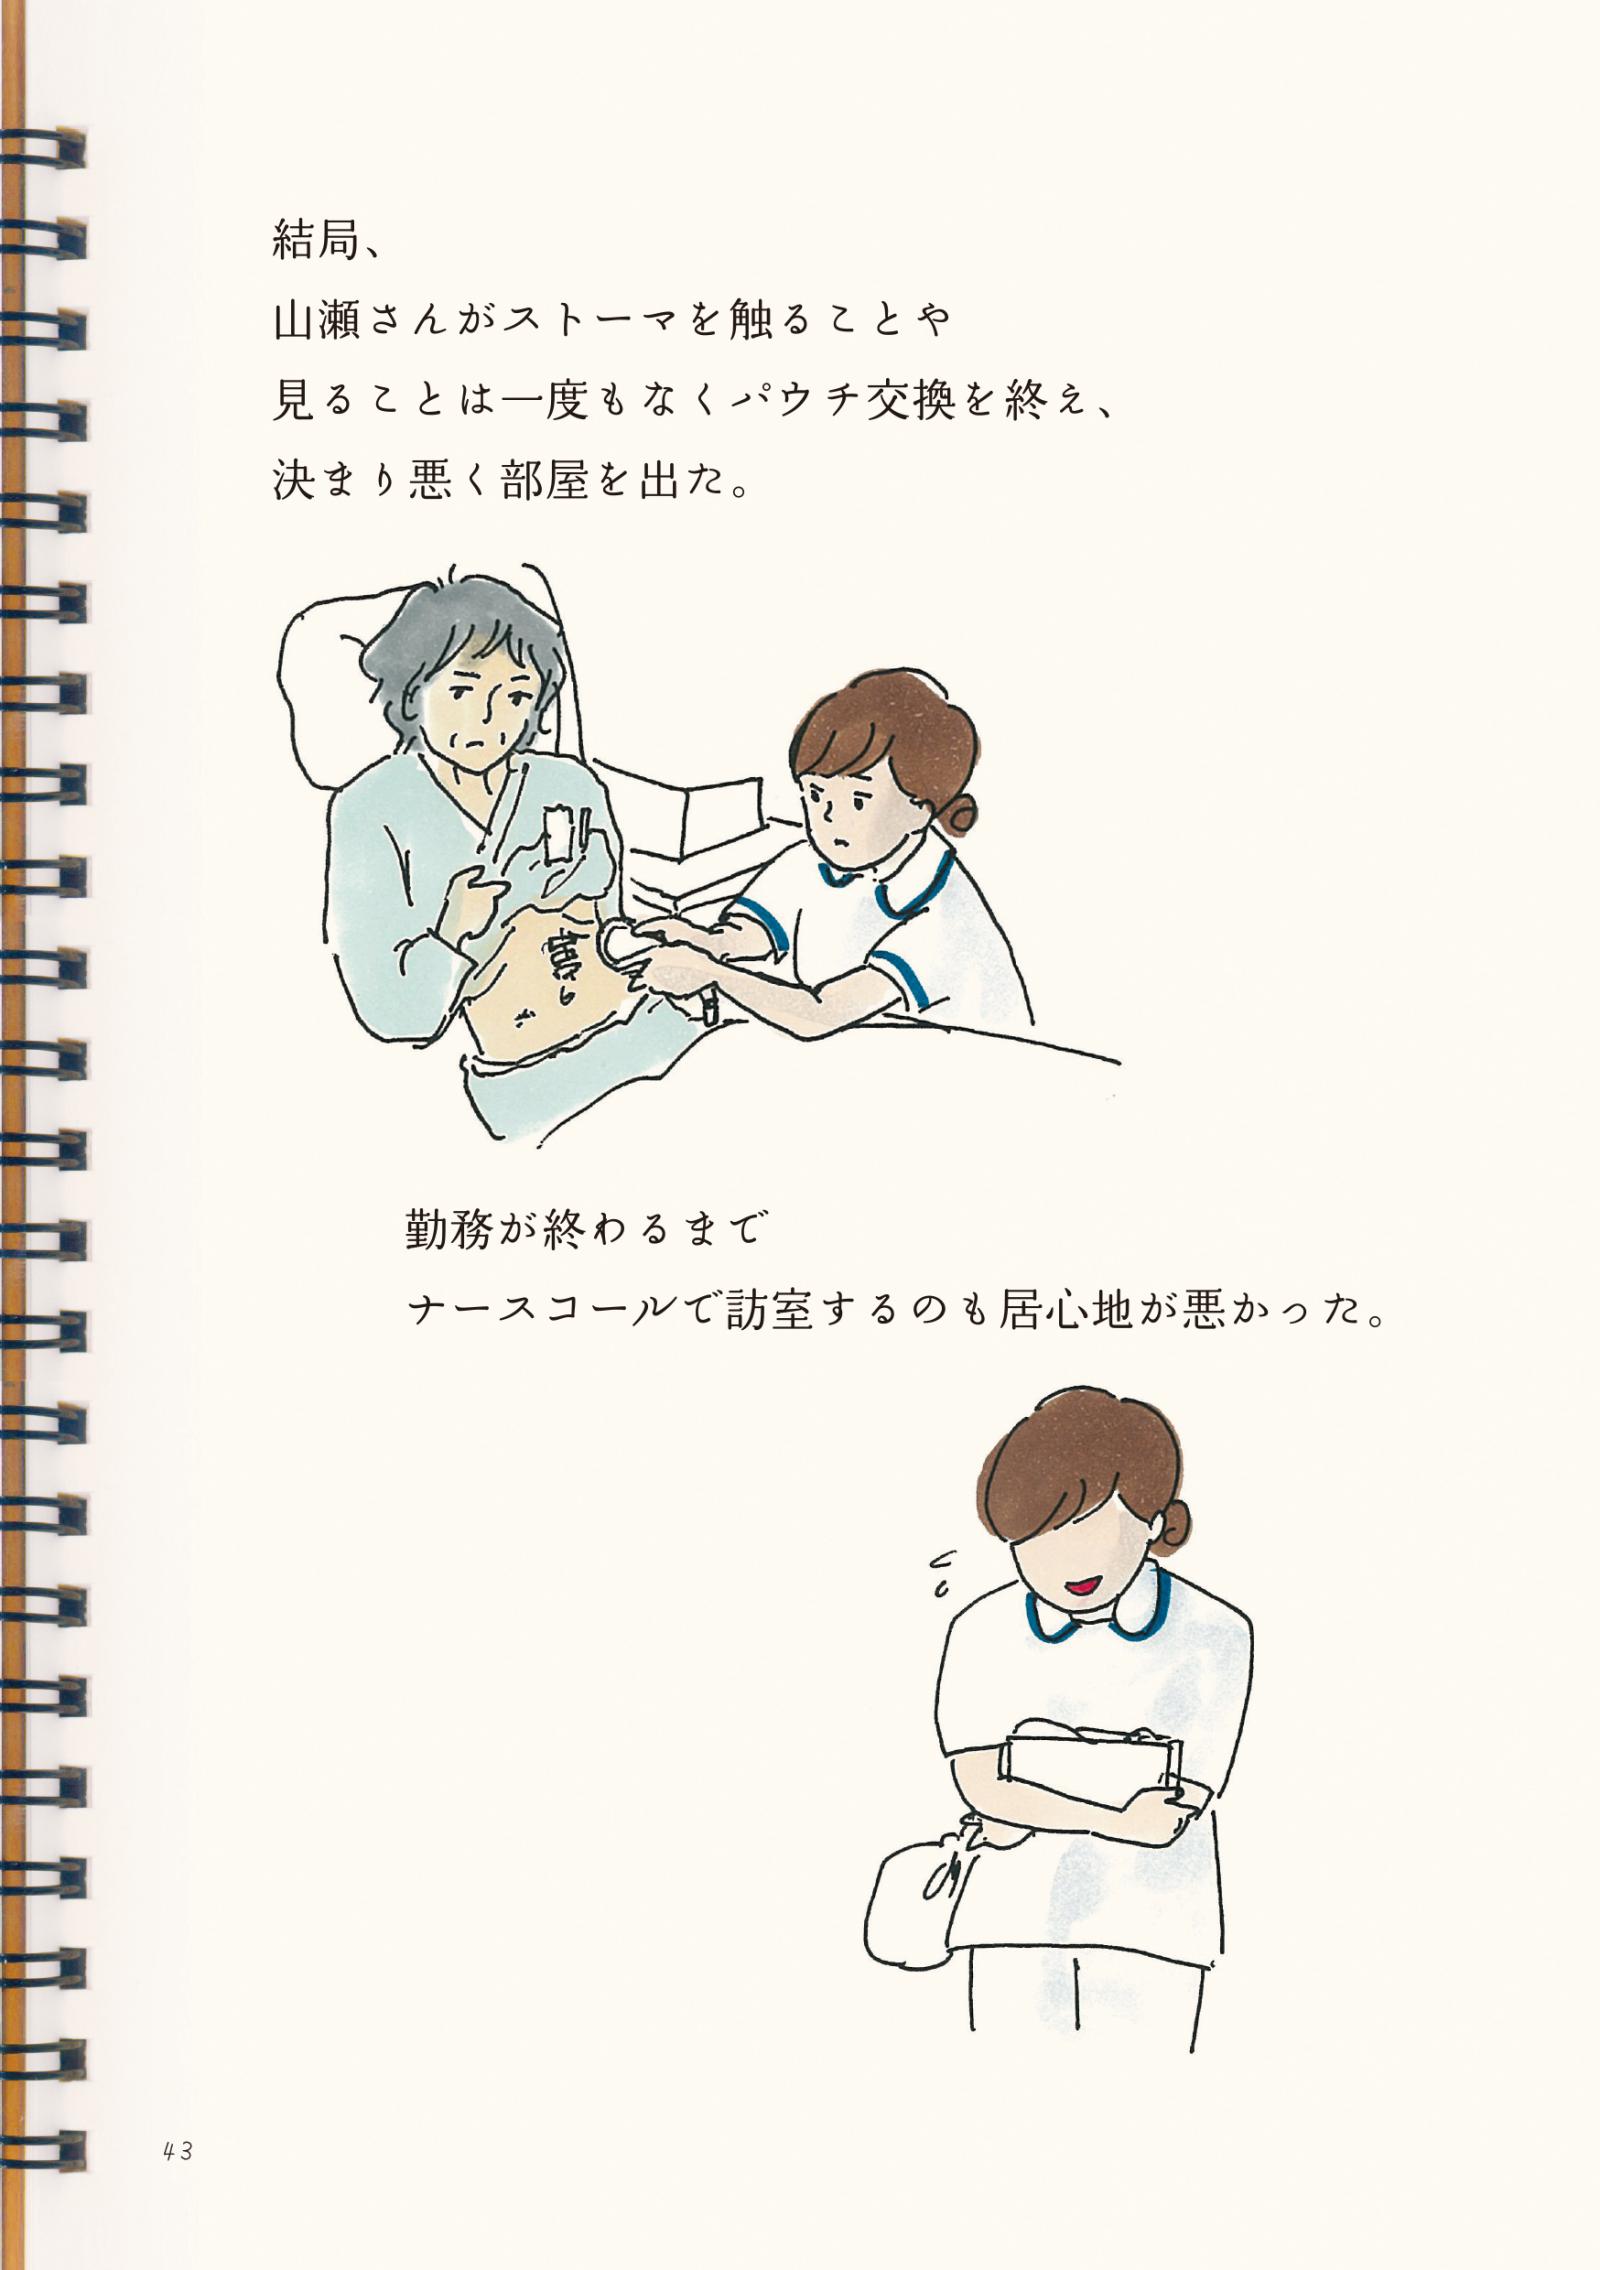 『病院というヘンテコな場所が教えてくれたコト。2』27P